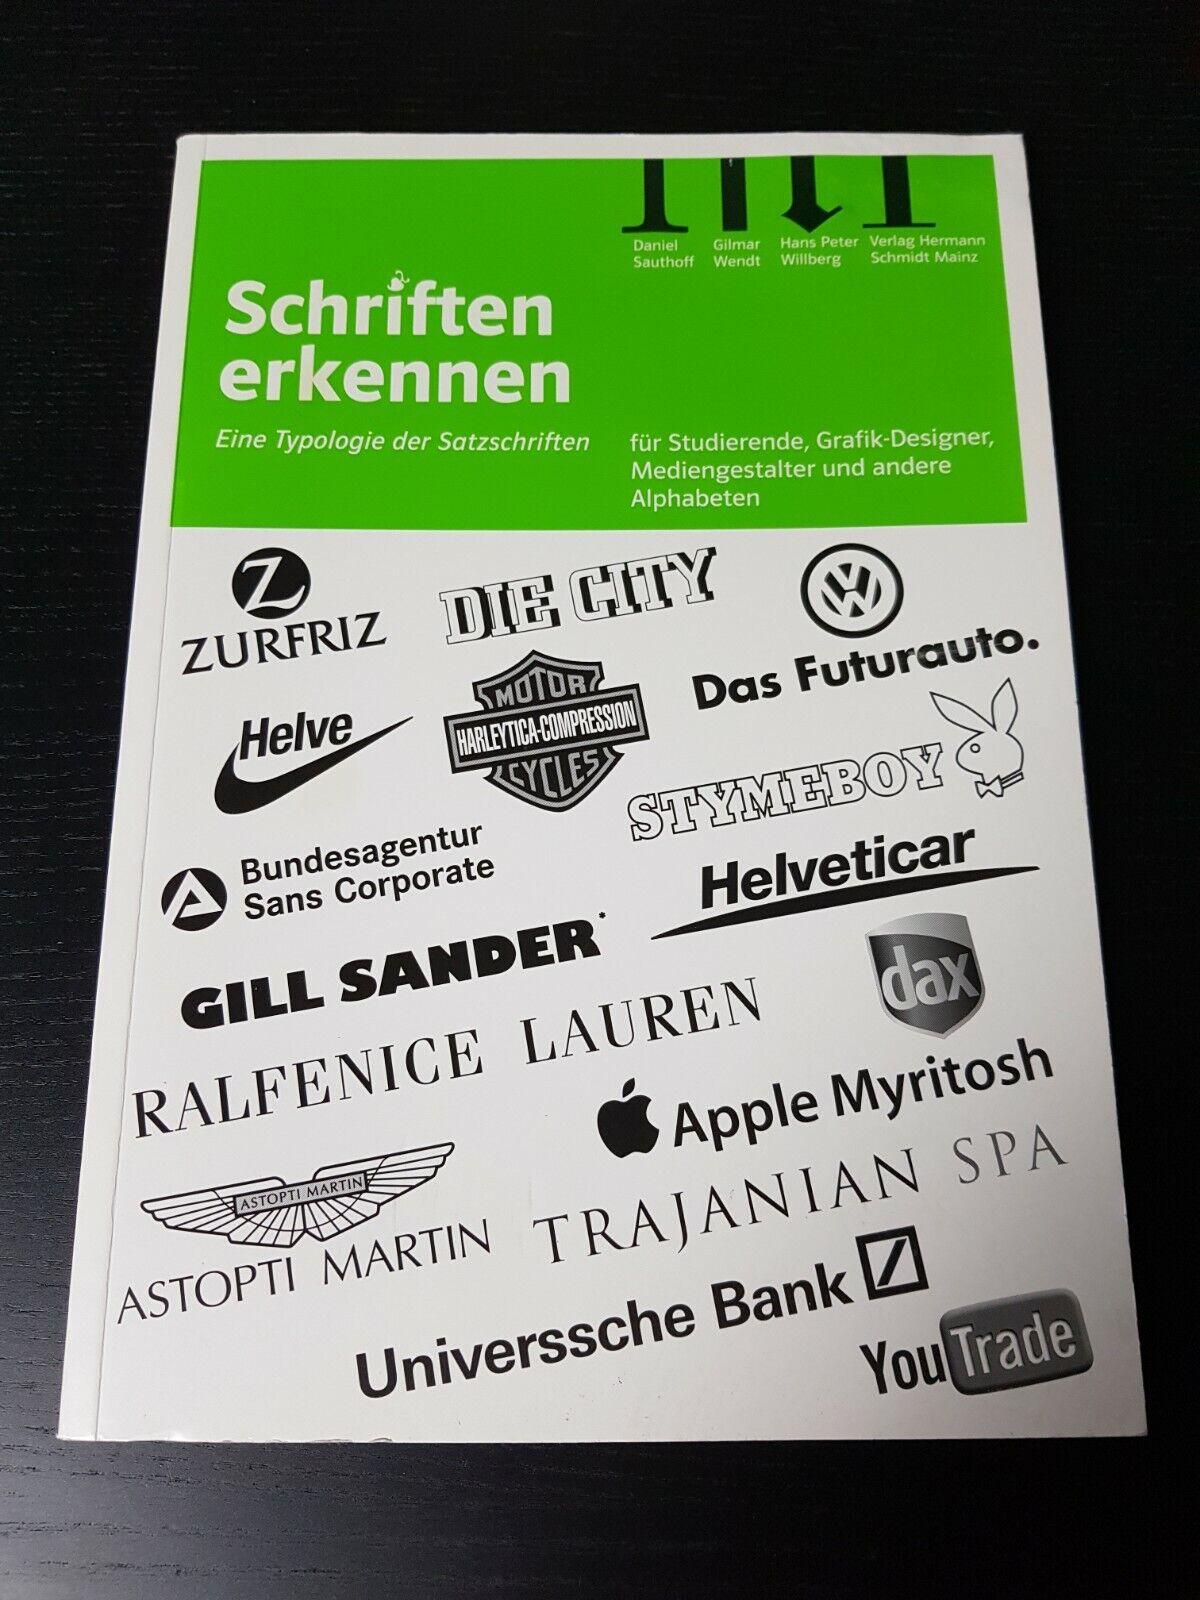 Schriften erkennen - Eine Typologie der Satzschriften - Taschenbuch - Grafik